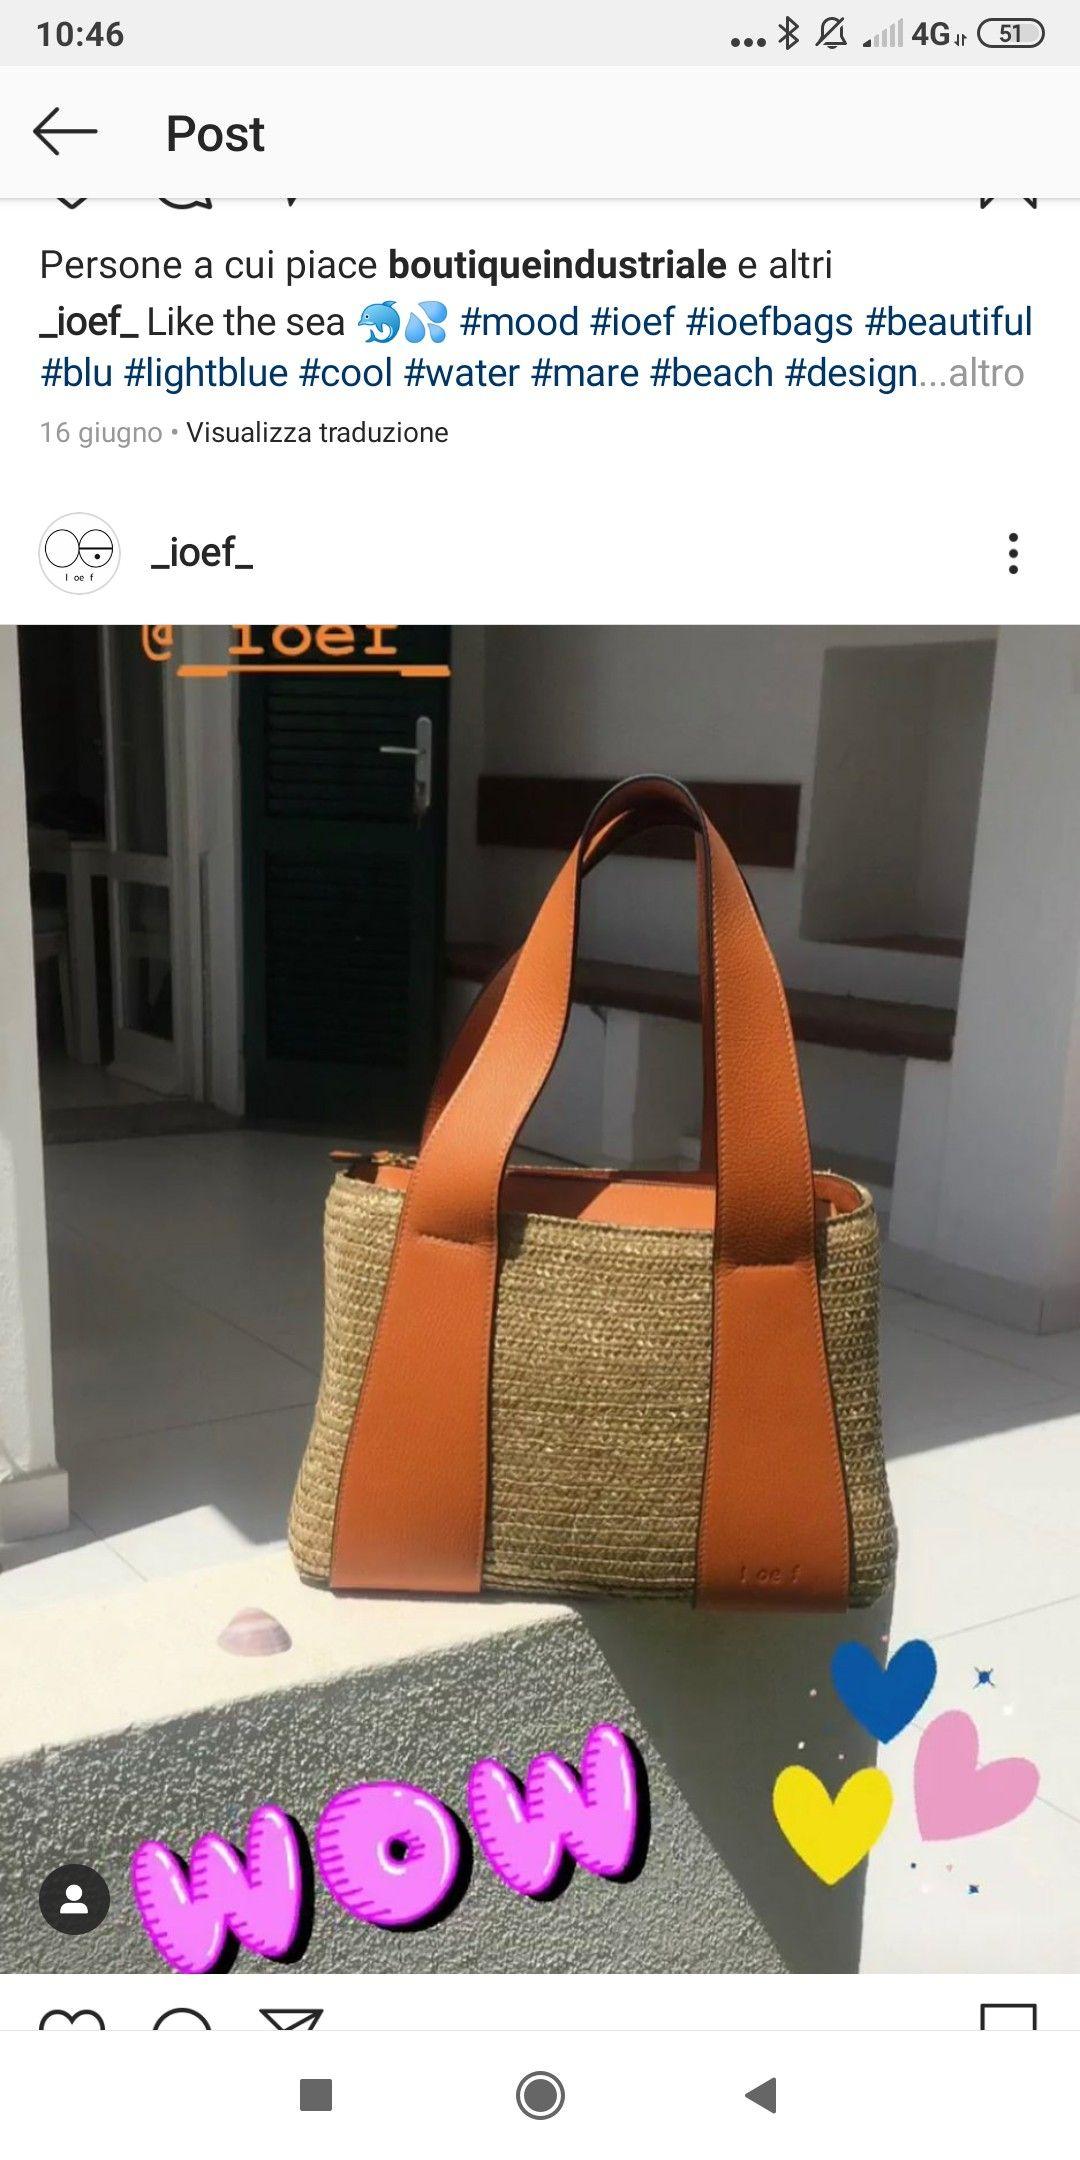 Pin di Man in Bag su Borse | Borse, Blu, Beautiful